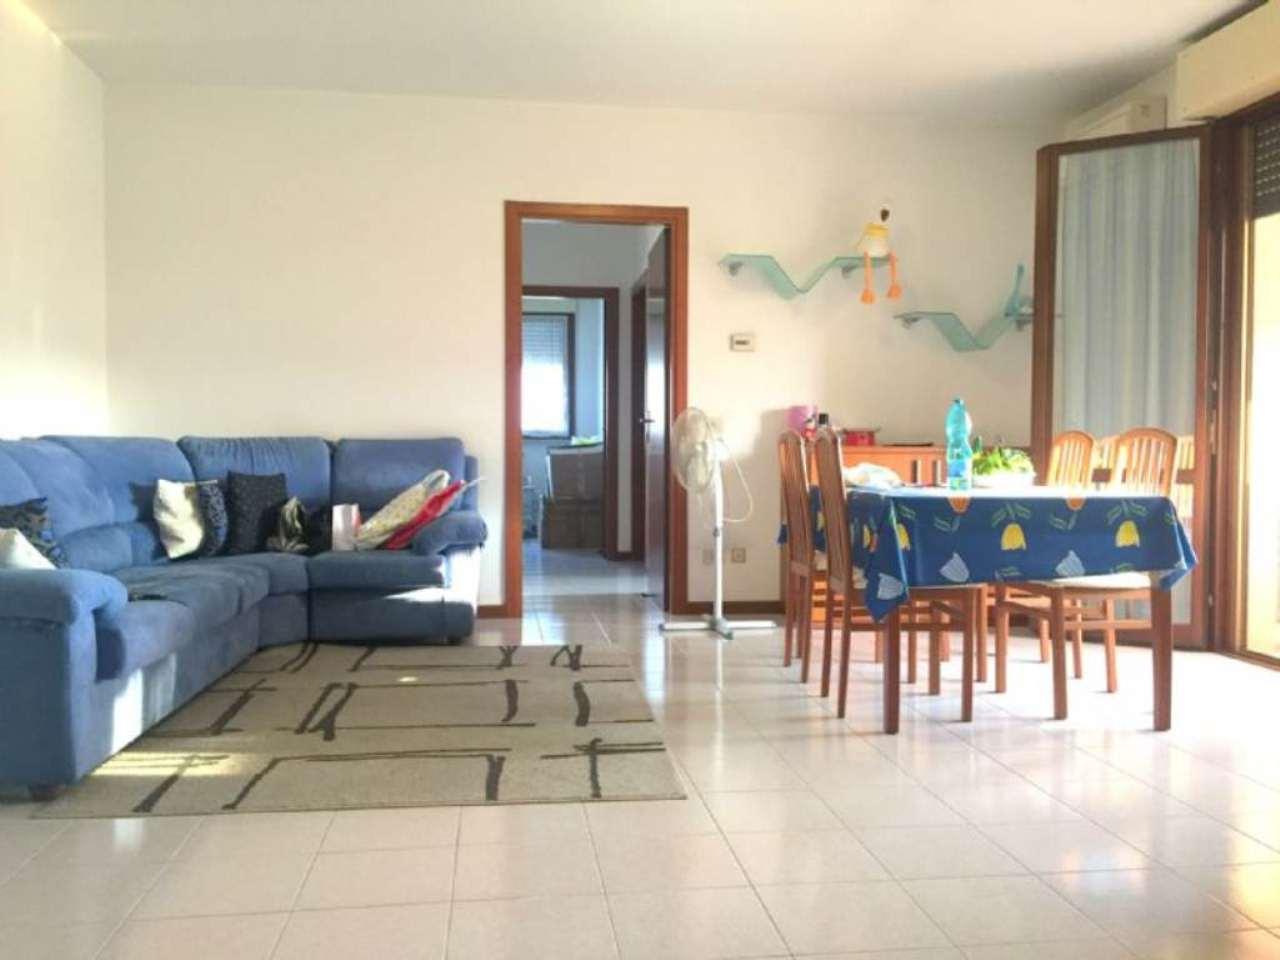 Appartamento in vendita a Gorgonzola, 3 locali, prezzo € 185.000 | CambioCasa.it